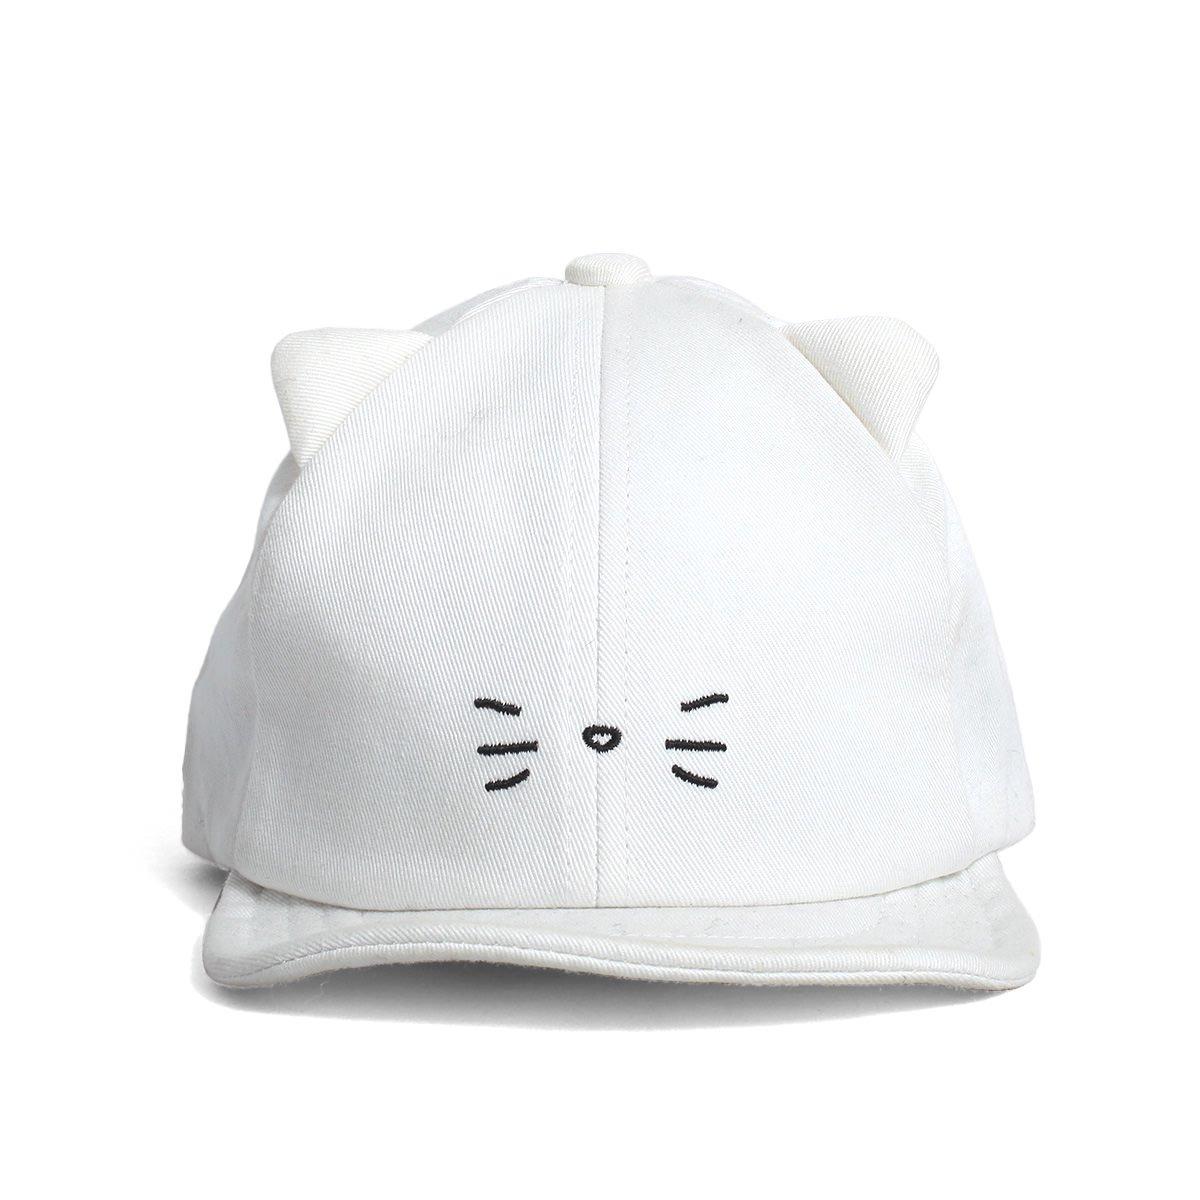 【BABY】Cat Ear Cap 詳細画像2